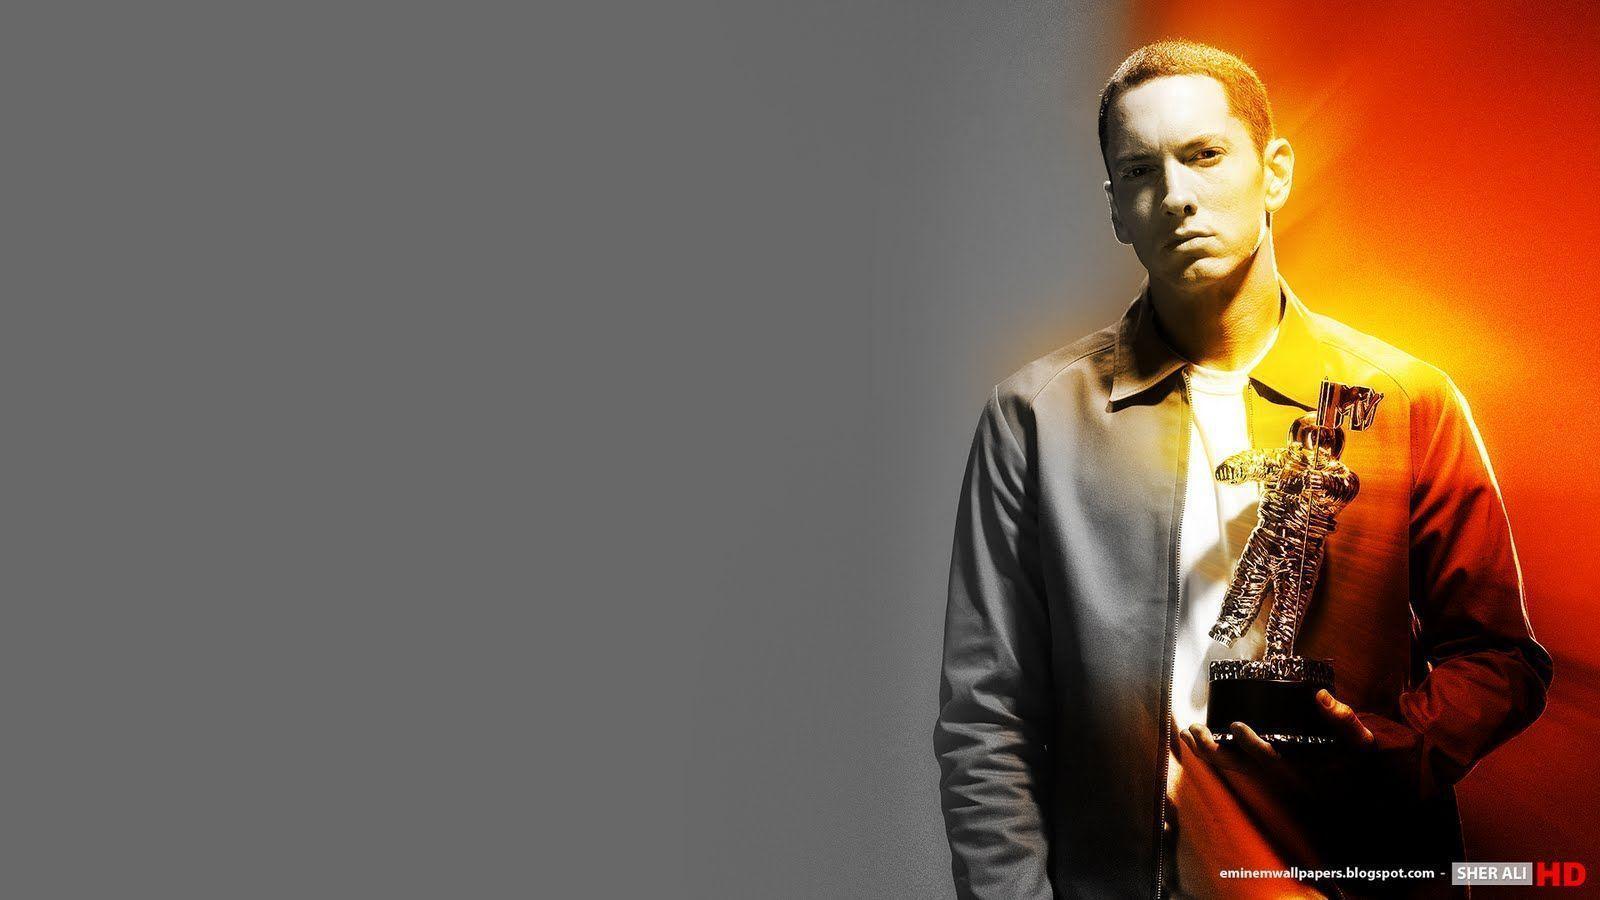 Dr Dre Wallpaper Hd Eminem Hd Wallpapers Wallpaper Cave